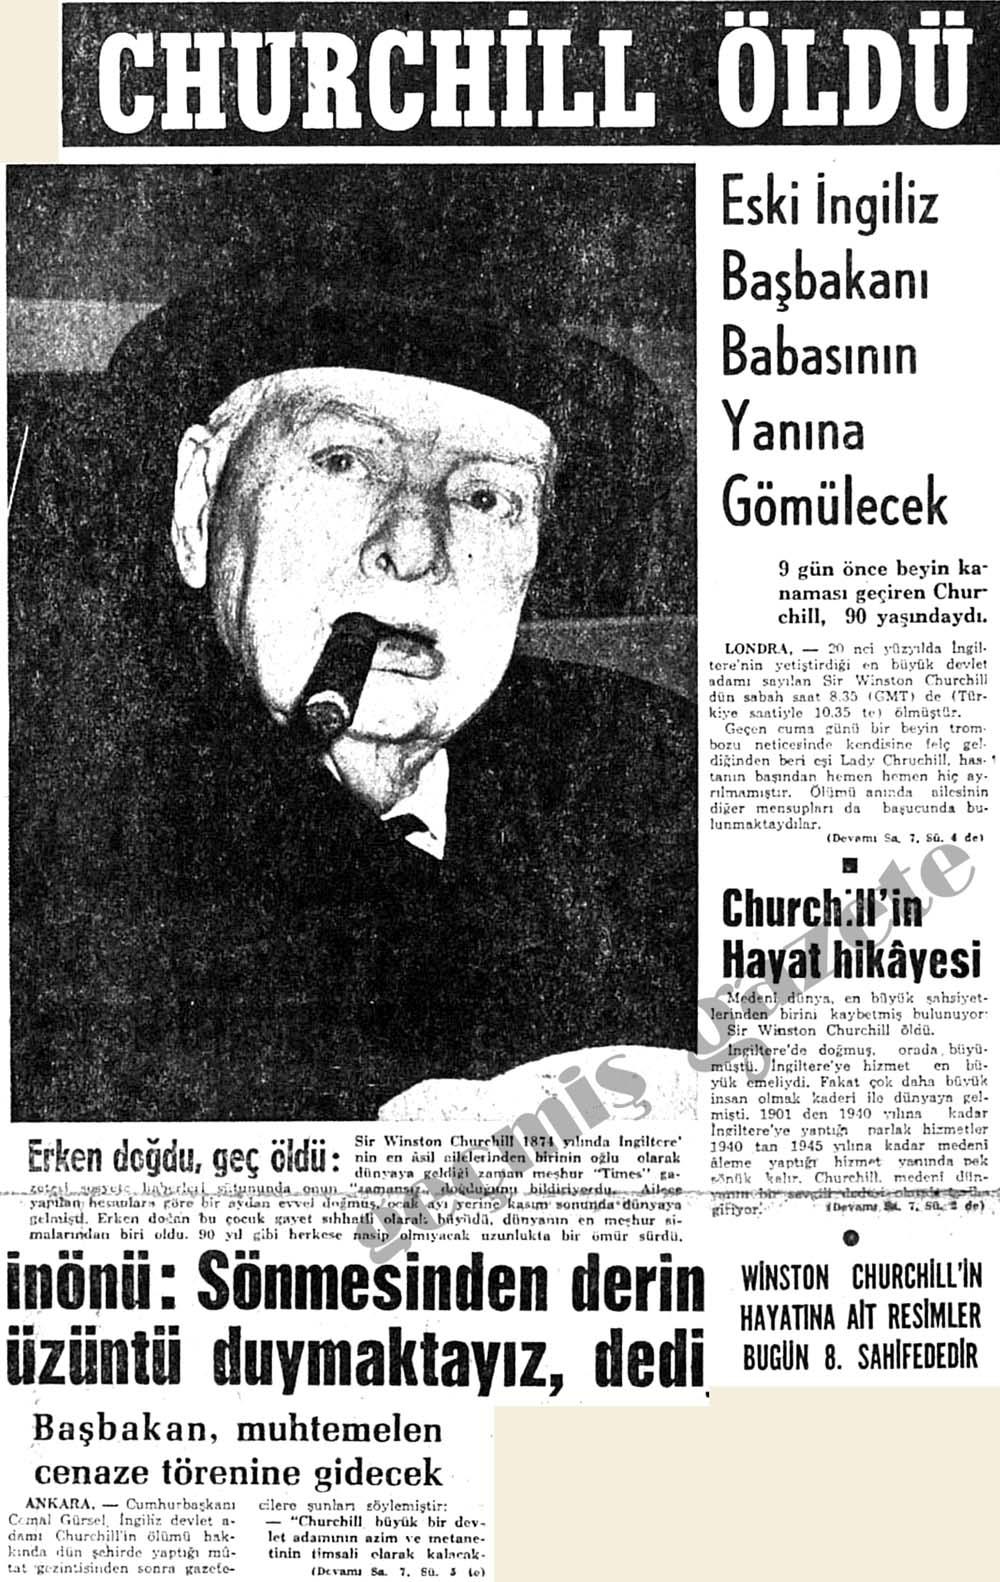 Churchill öldü